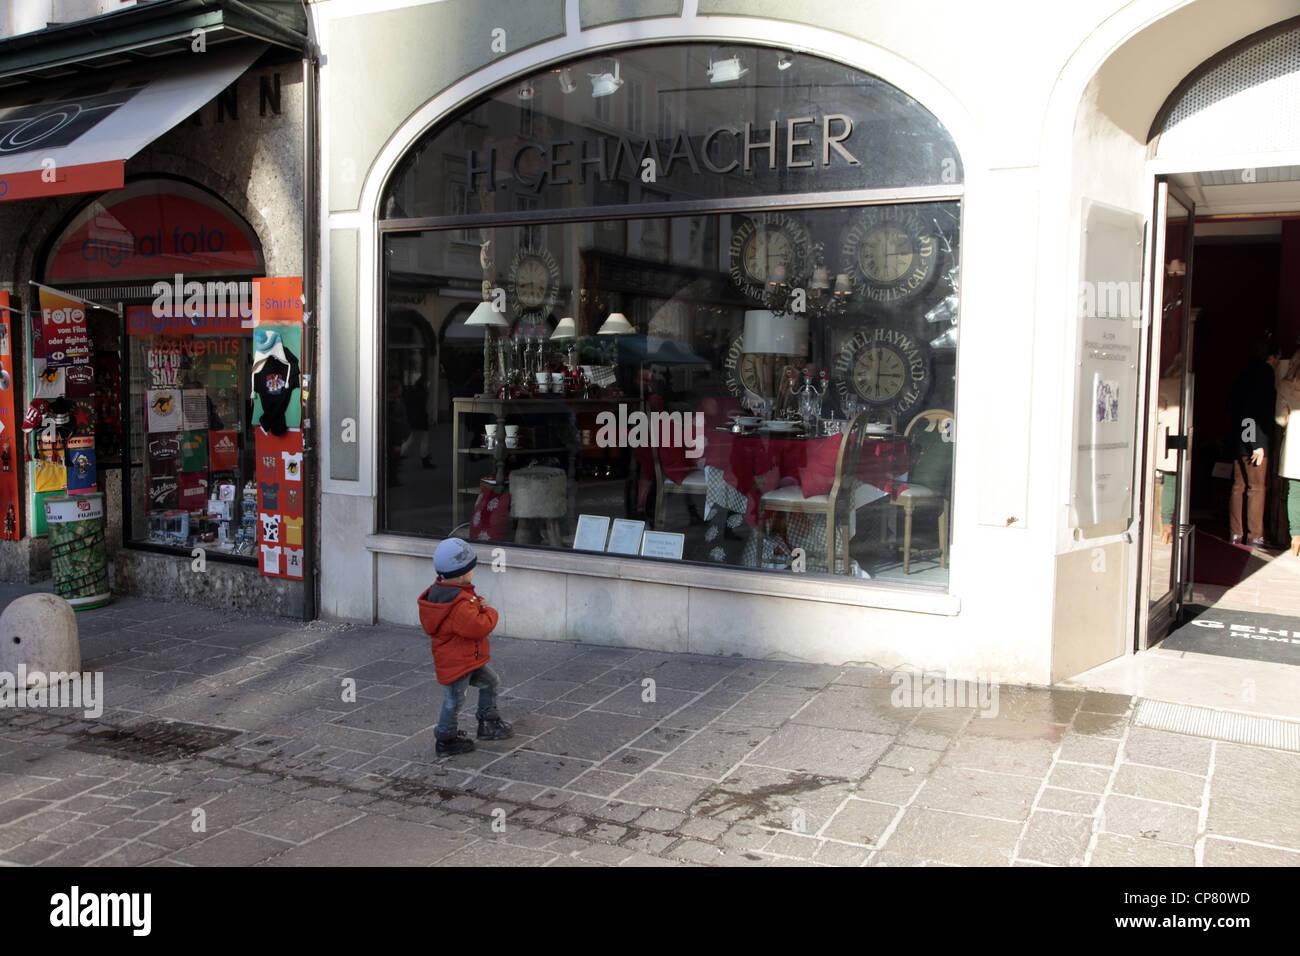 En dehors de l'enfant H. GEHMACHER SHOP Salzbourg Autriche 27 Décembre 2011 Photo Stock